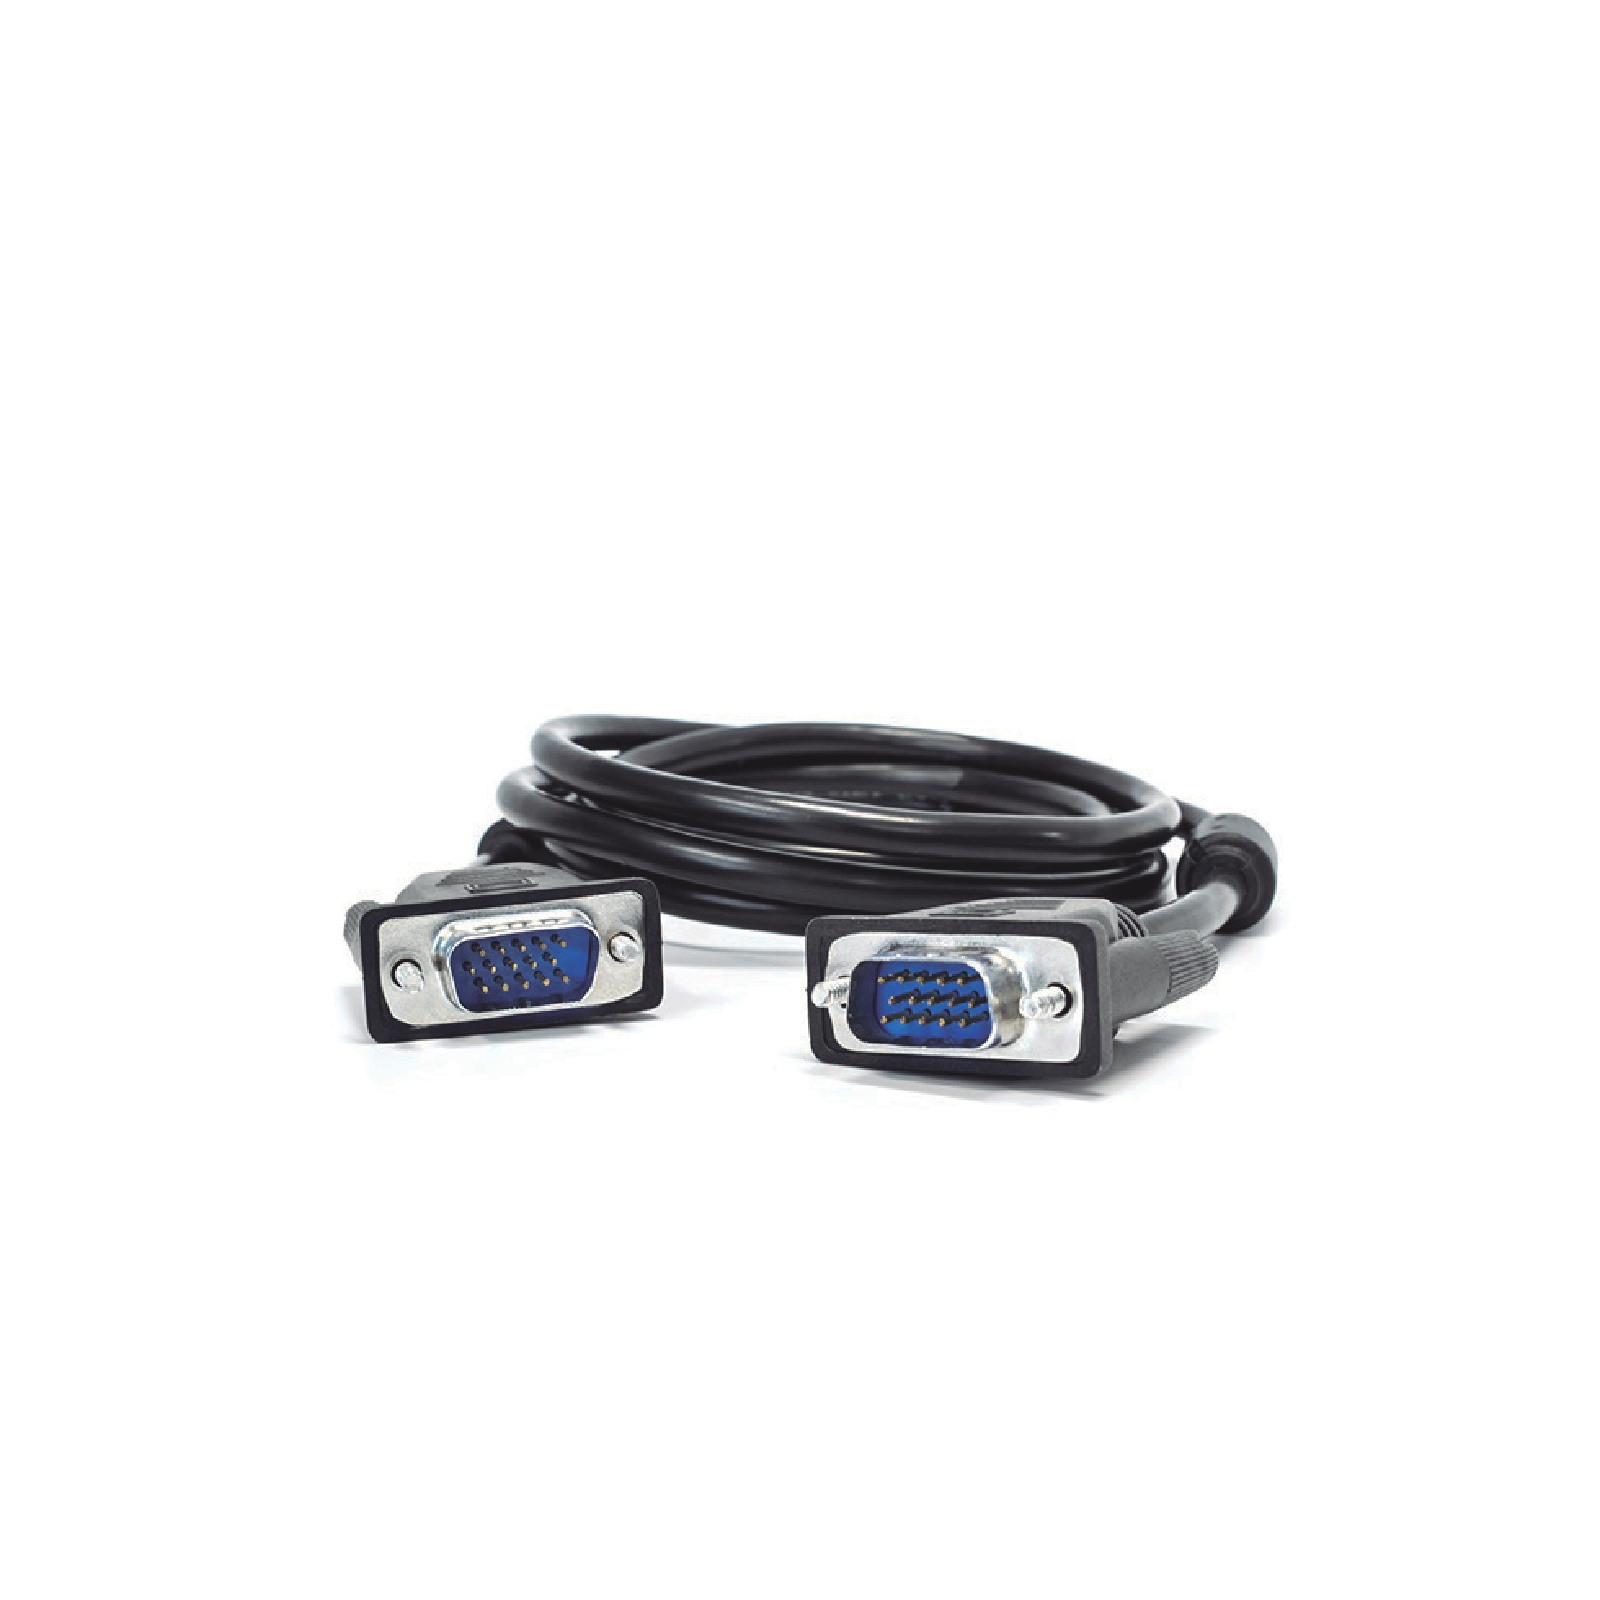 Cable VGA CAB-106  -Vorago-